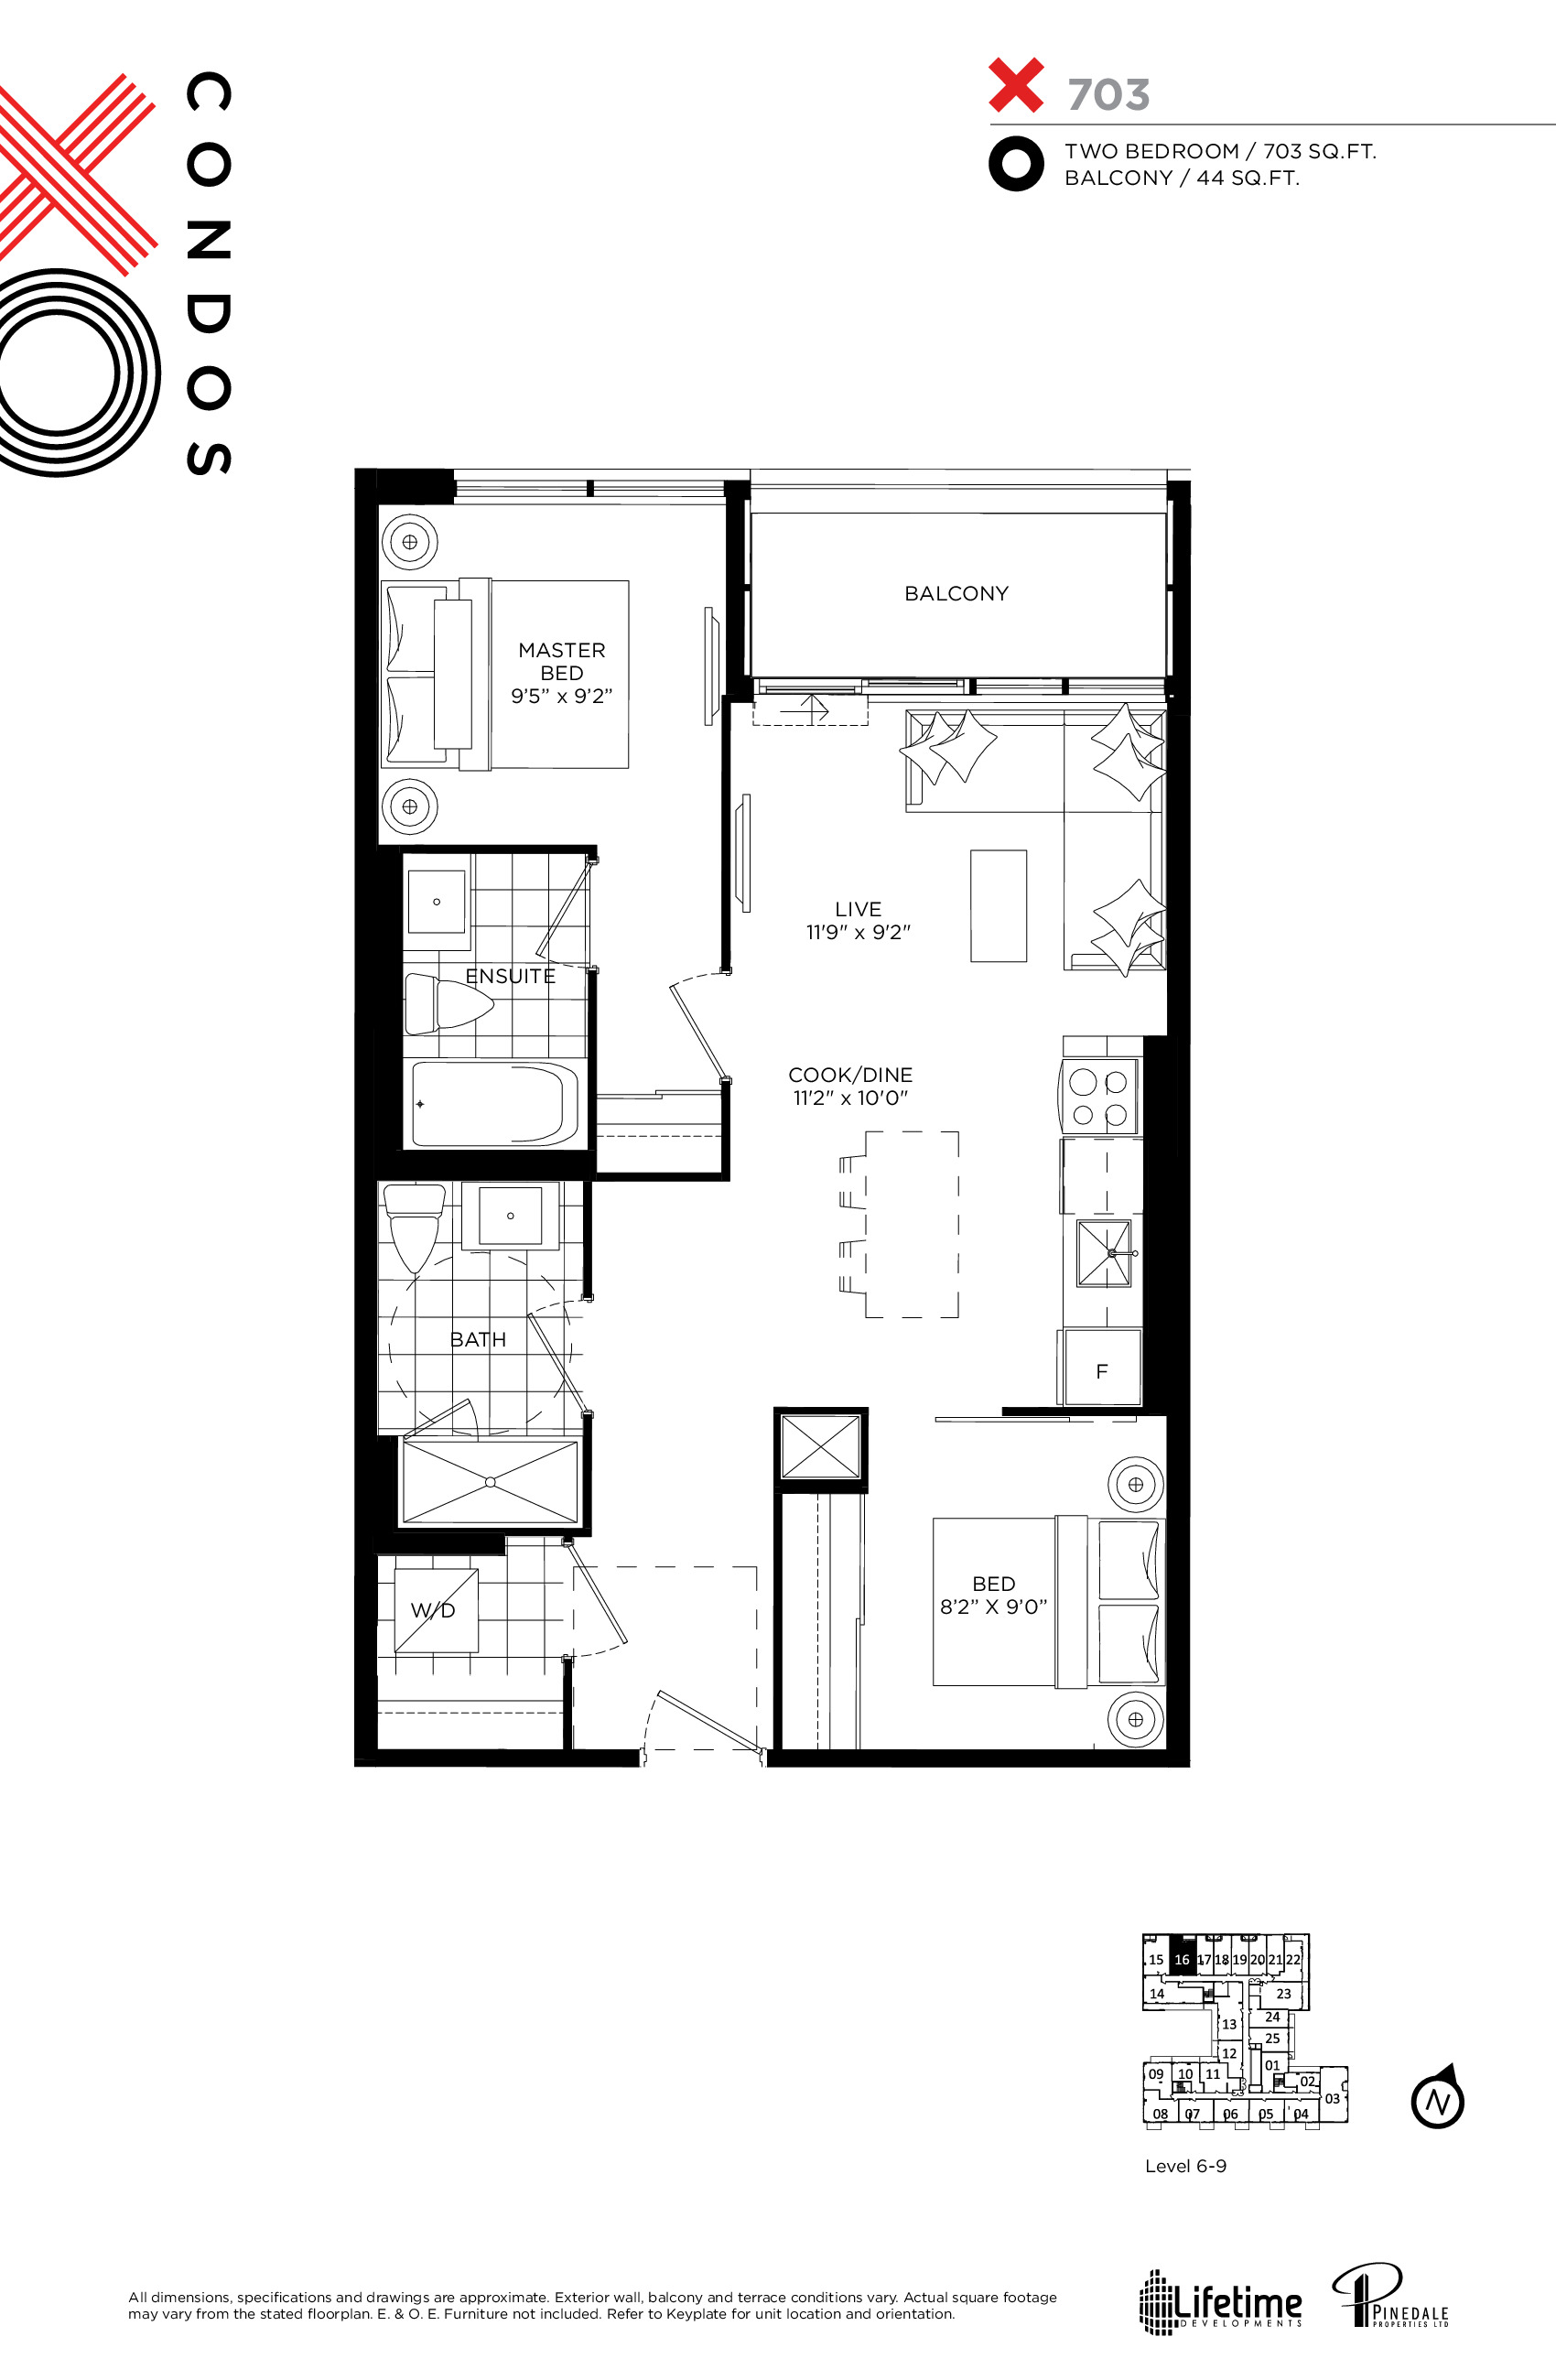 703 Floor Plan at XO Condos - 703 sq.ft